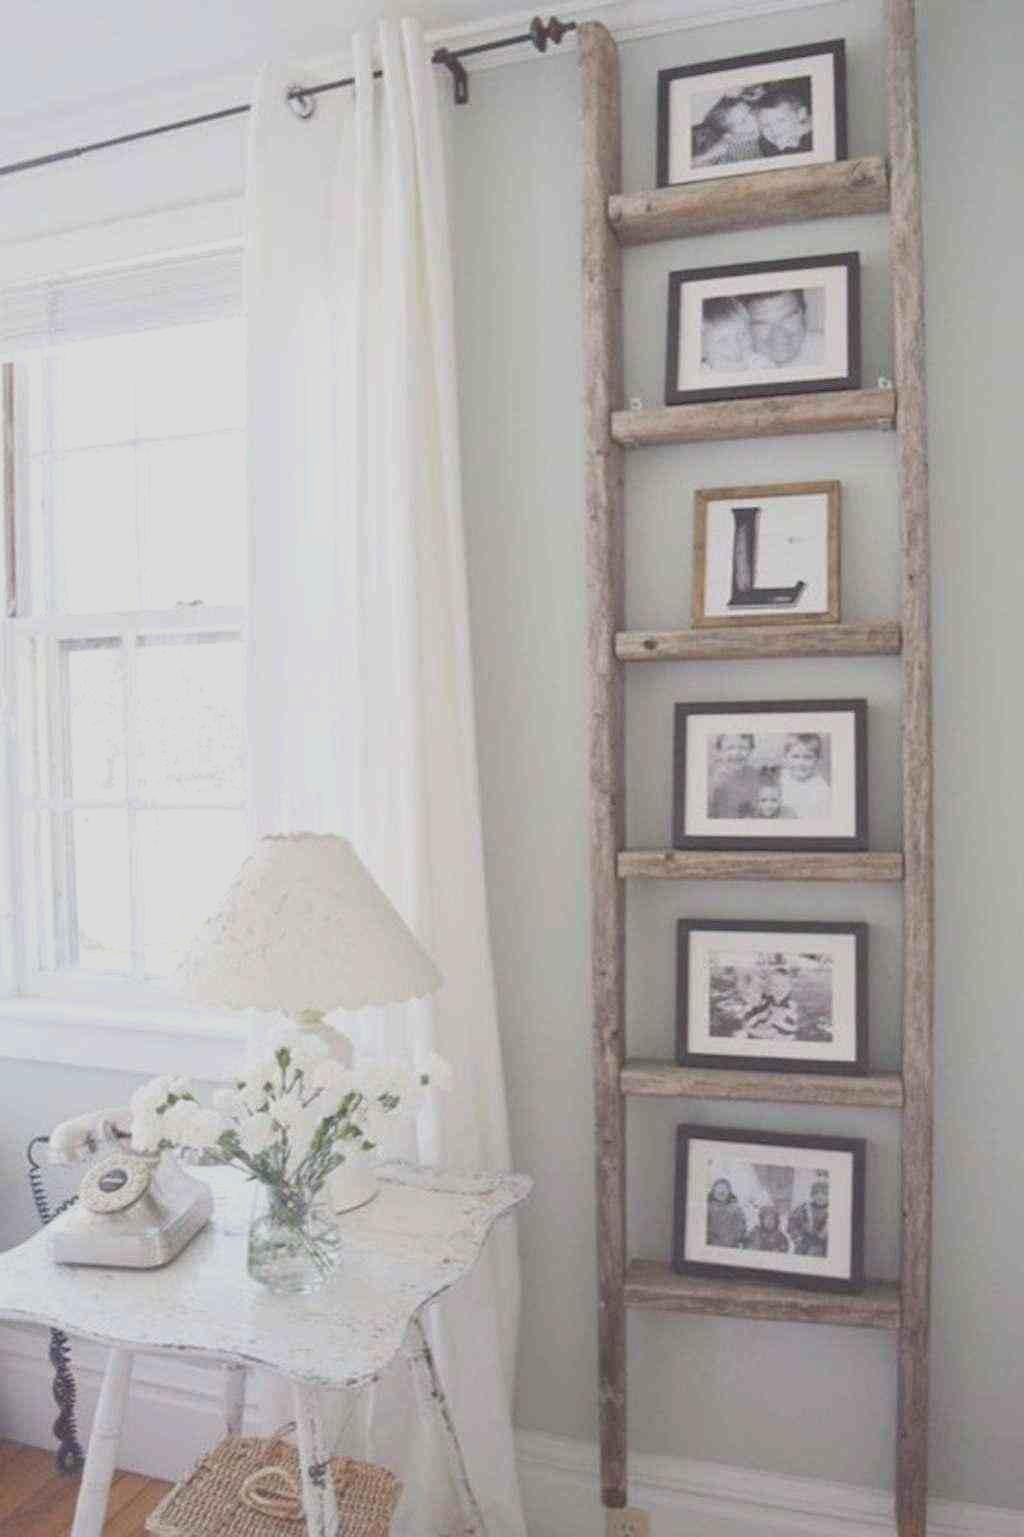 12 Comfortable Farmhouse Curtain Ideas Photos - Belarus Inside on Farmhouse Bedroom Curtain Ideas  id=48154